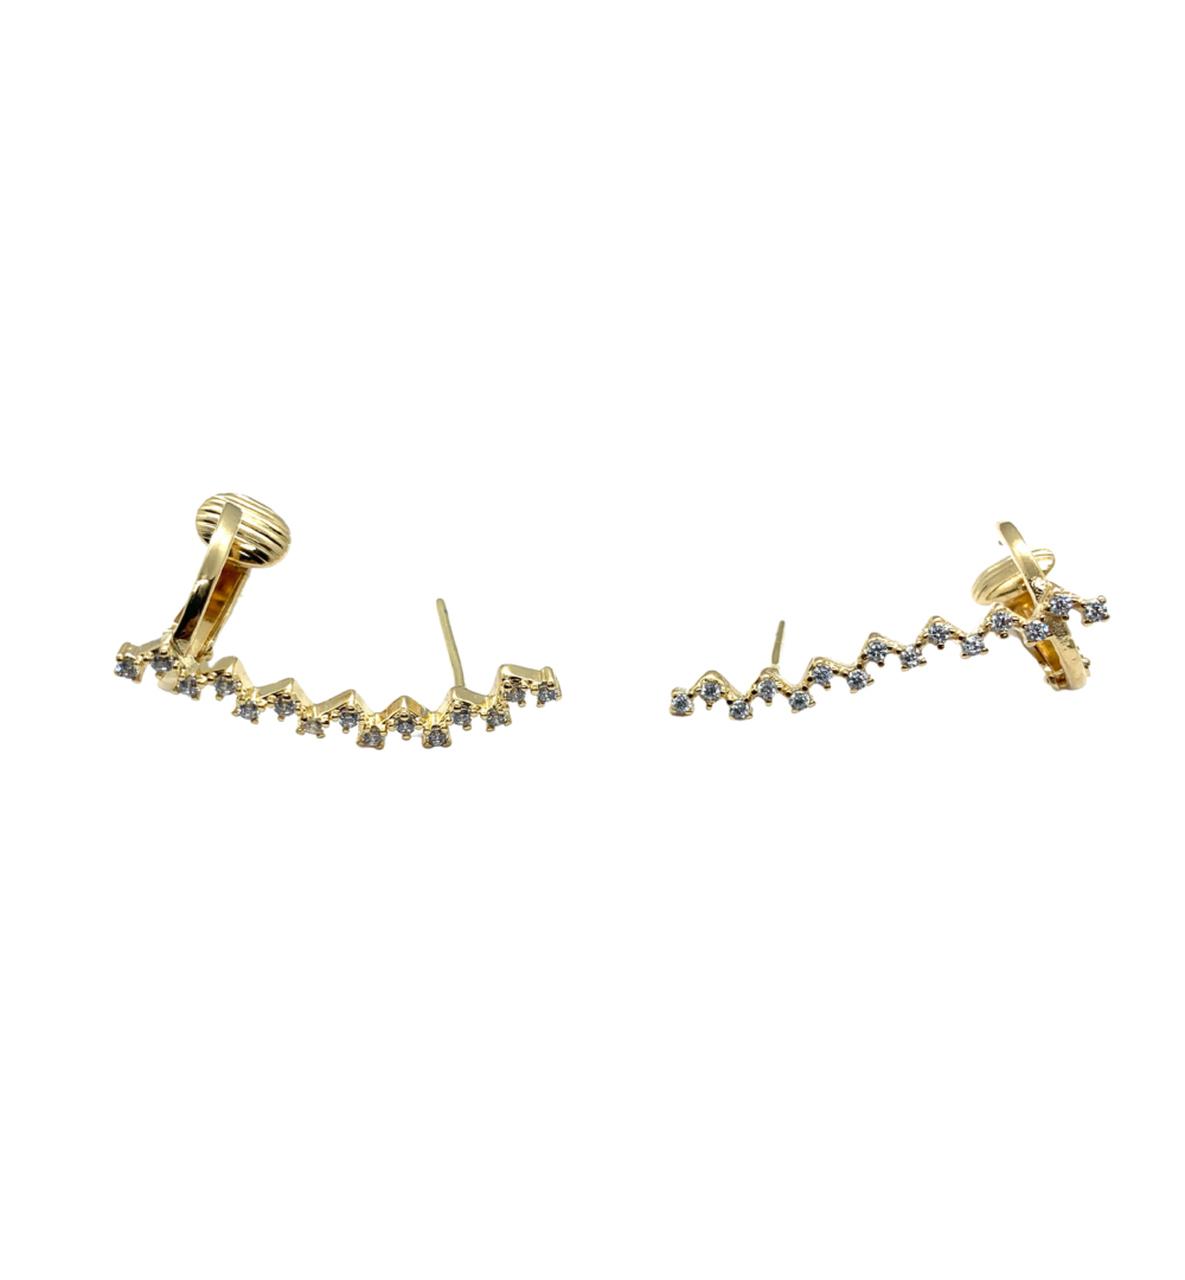 Brinco Semijoia Ear Cuff Cravejado BR6791